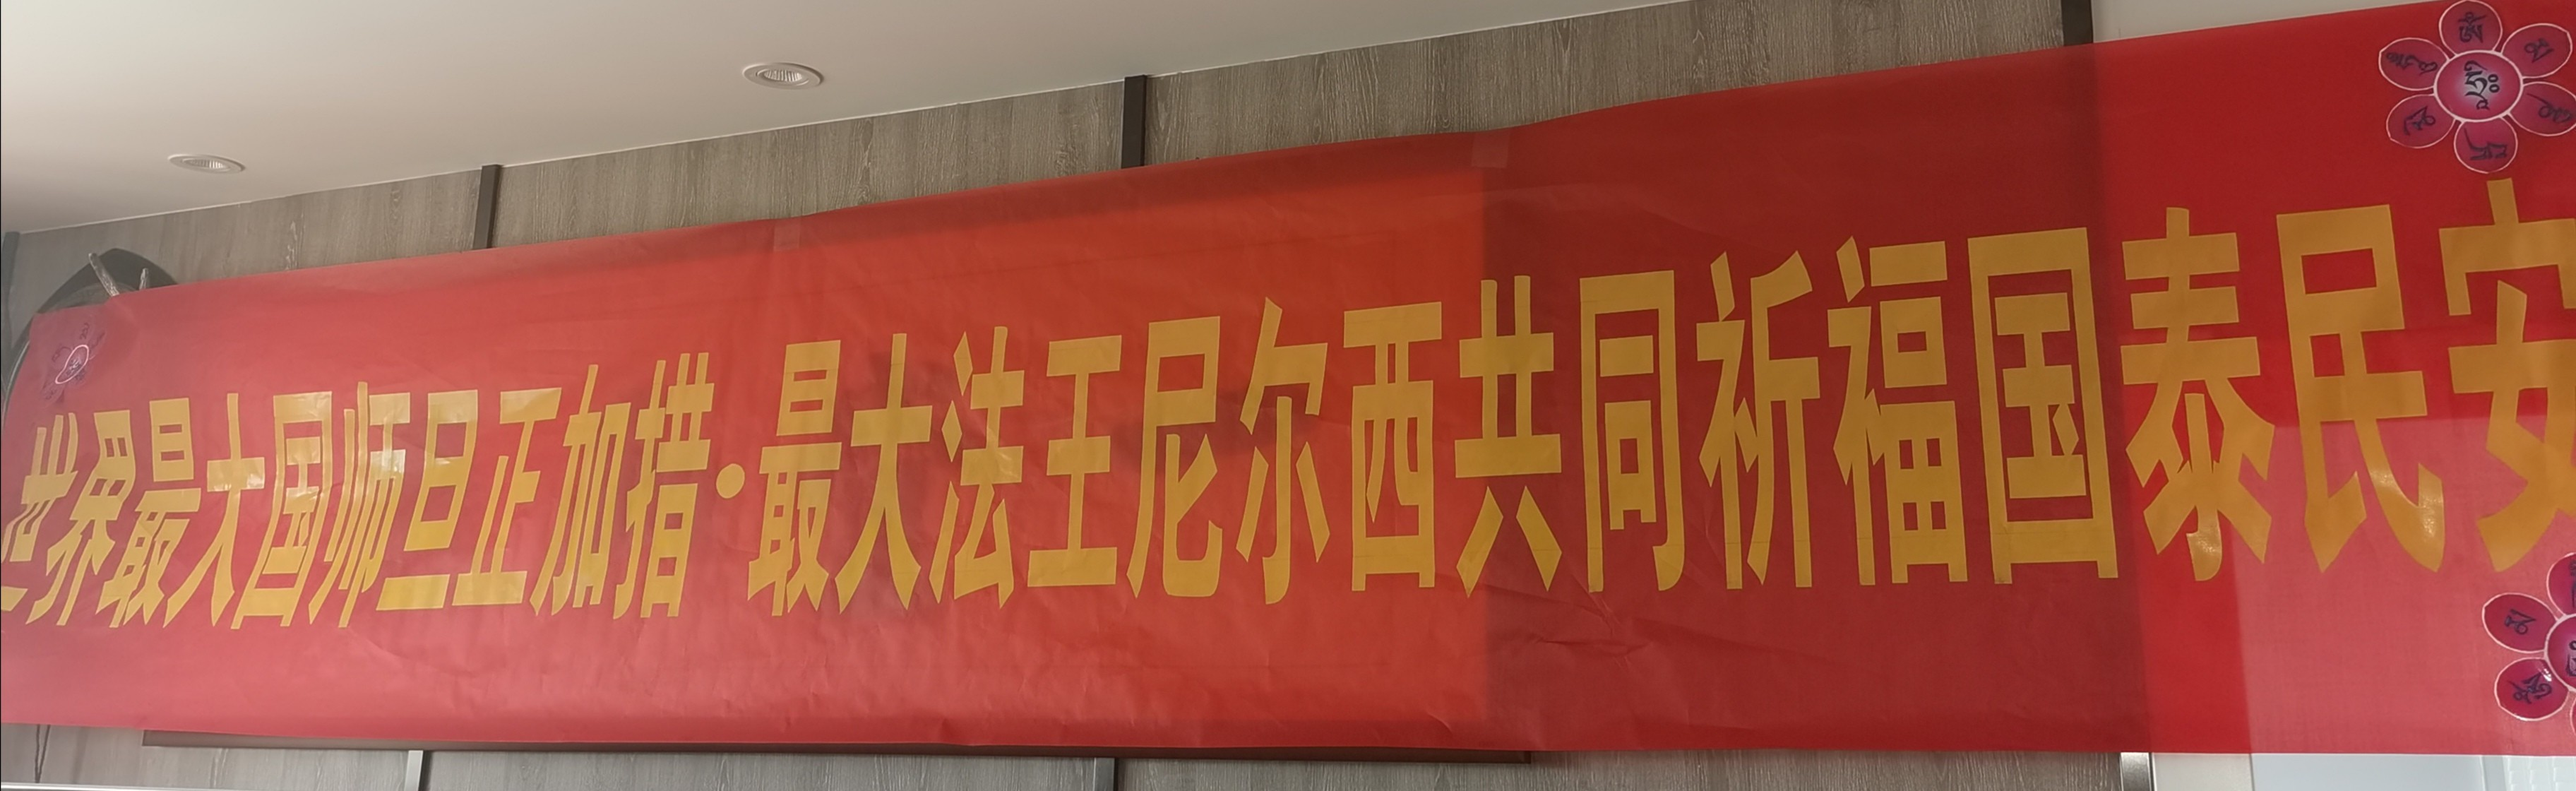 「图文海报」公益活动在舍利宫举行